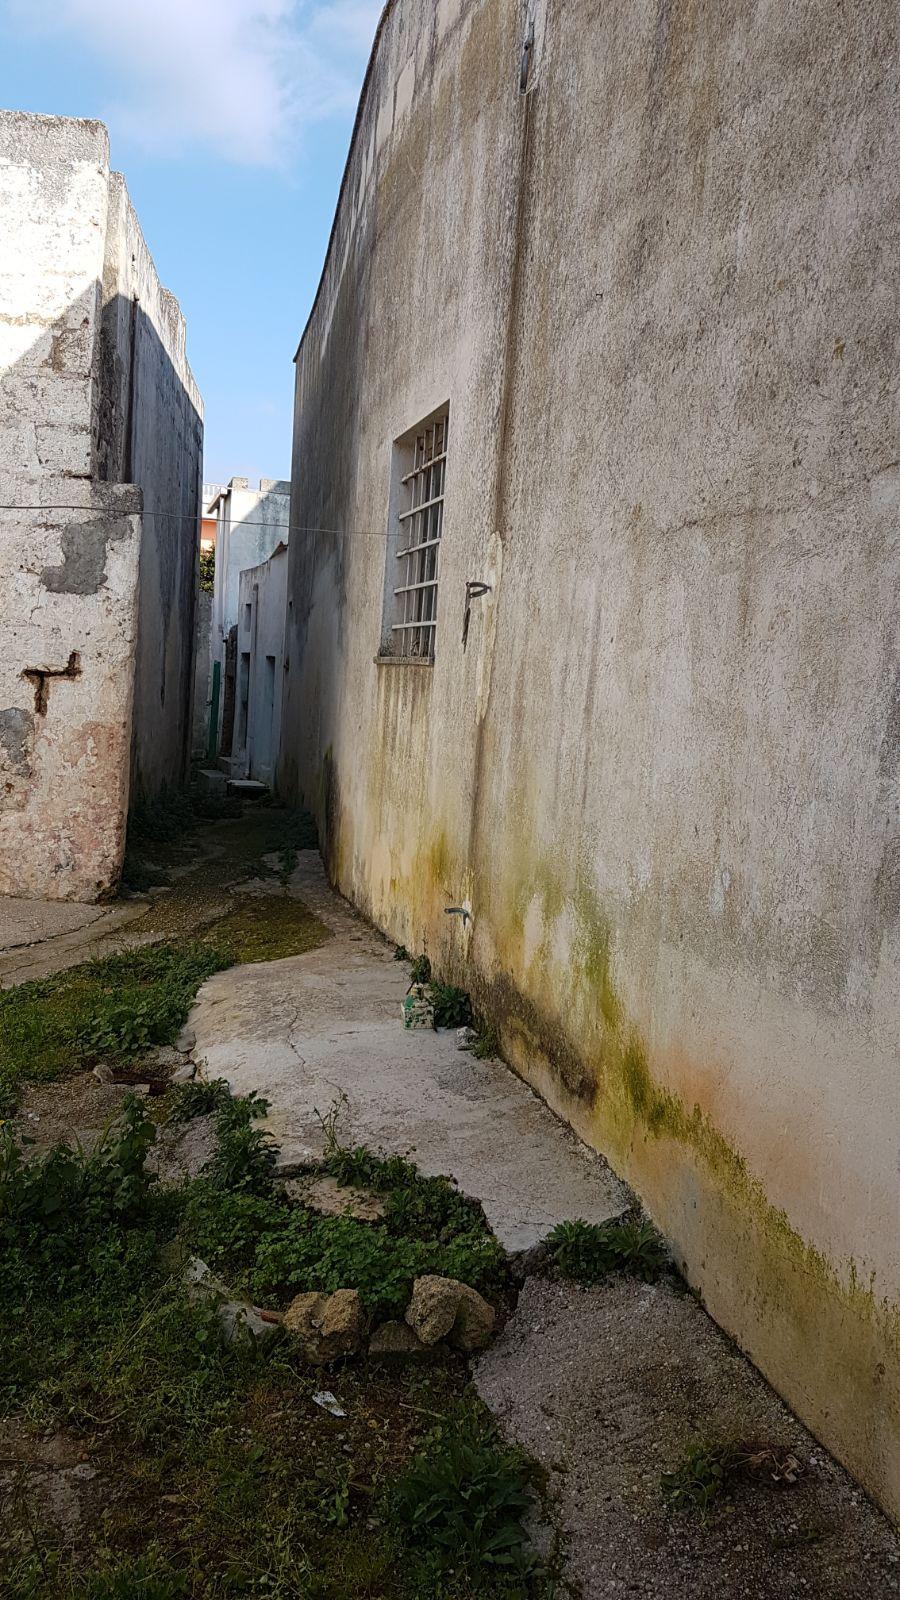 Appartamento storico al piano terra in corte e ottima zona (Gemini)